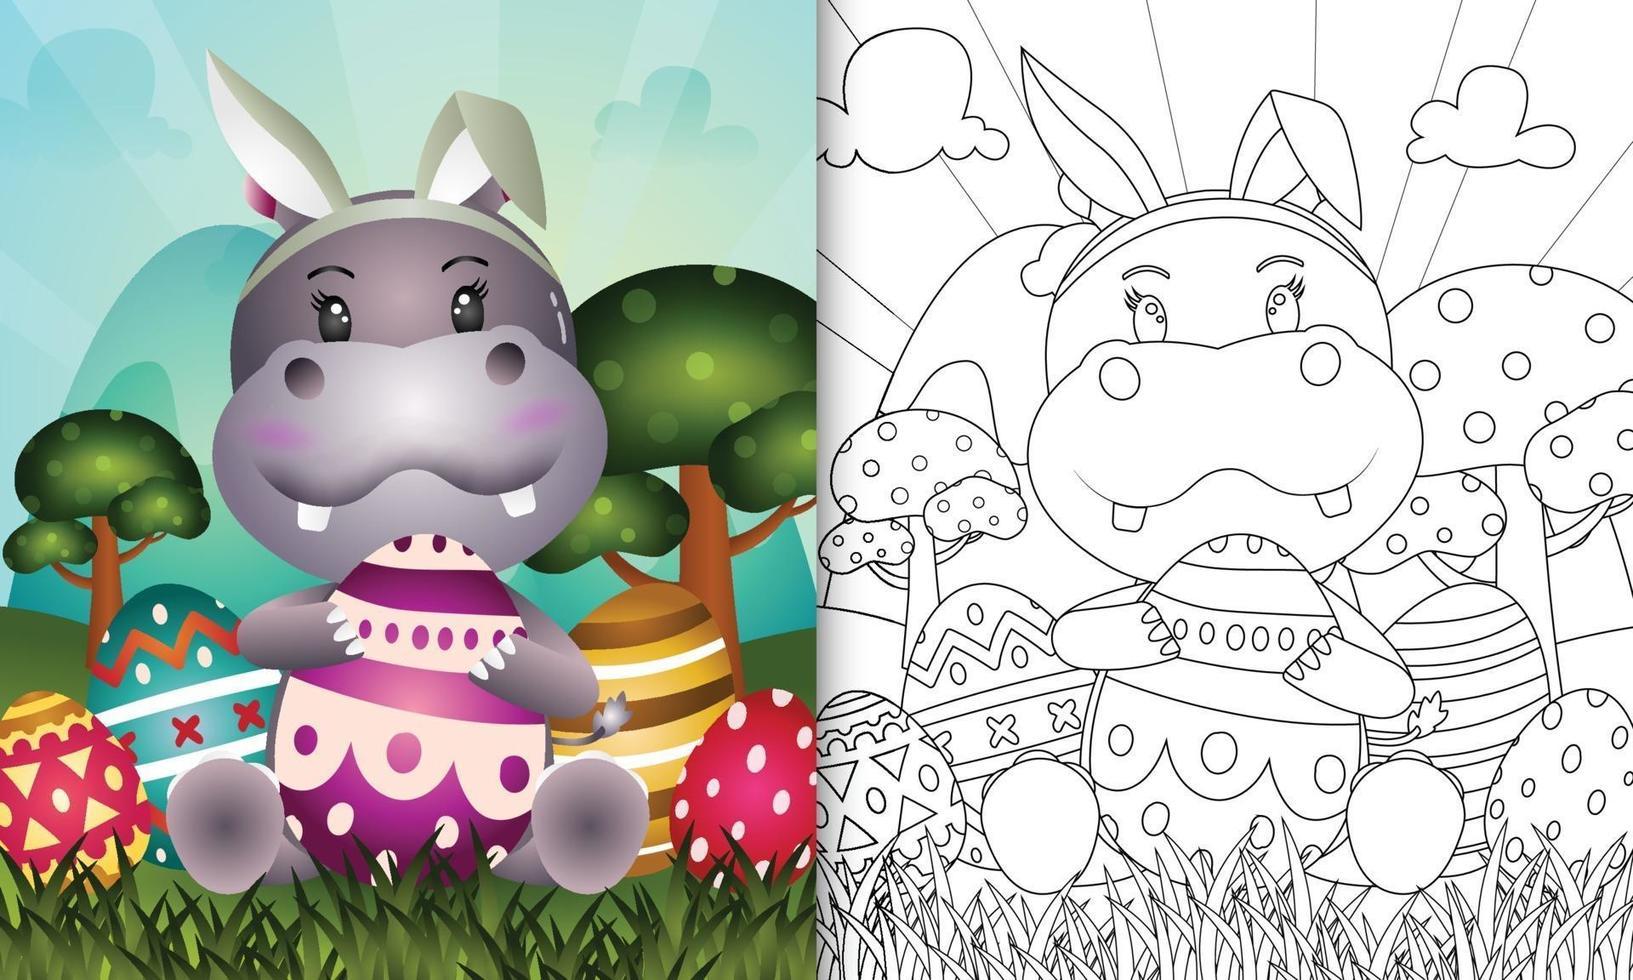 libro para colorear para niños con tema de pascua con un lindo hipopótamo con orejas de conejo vector